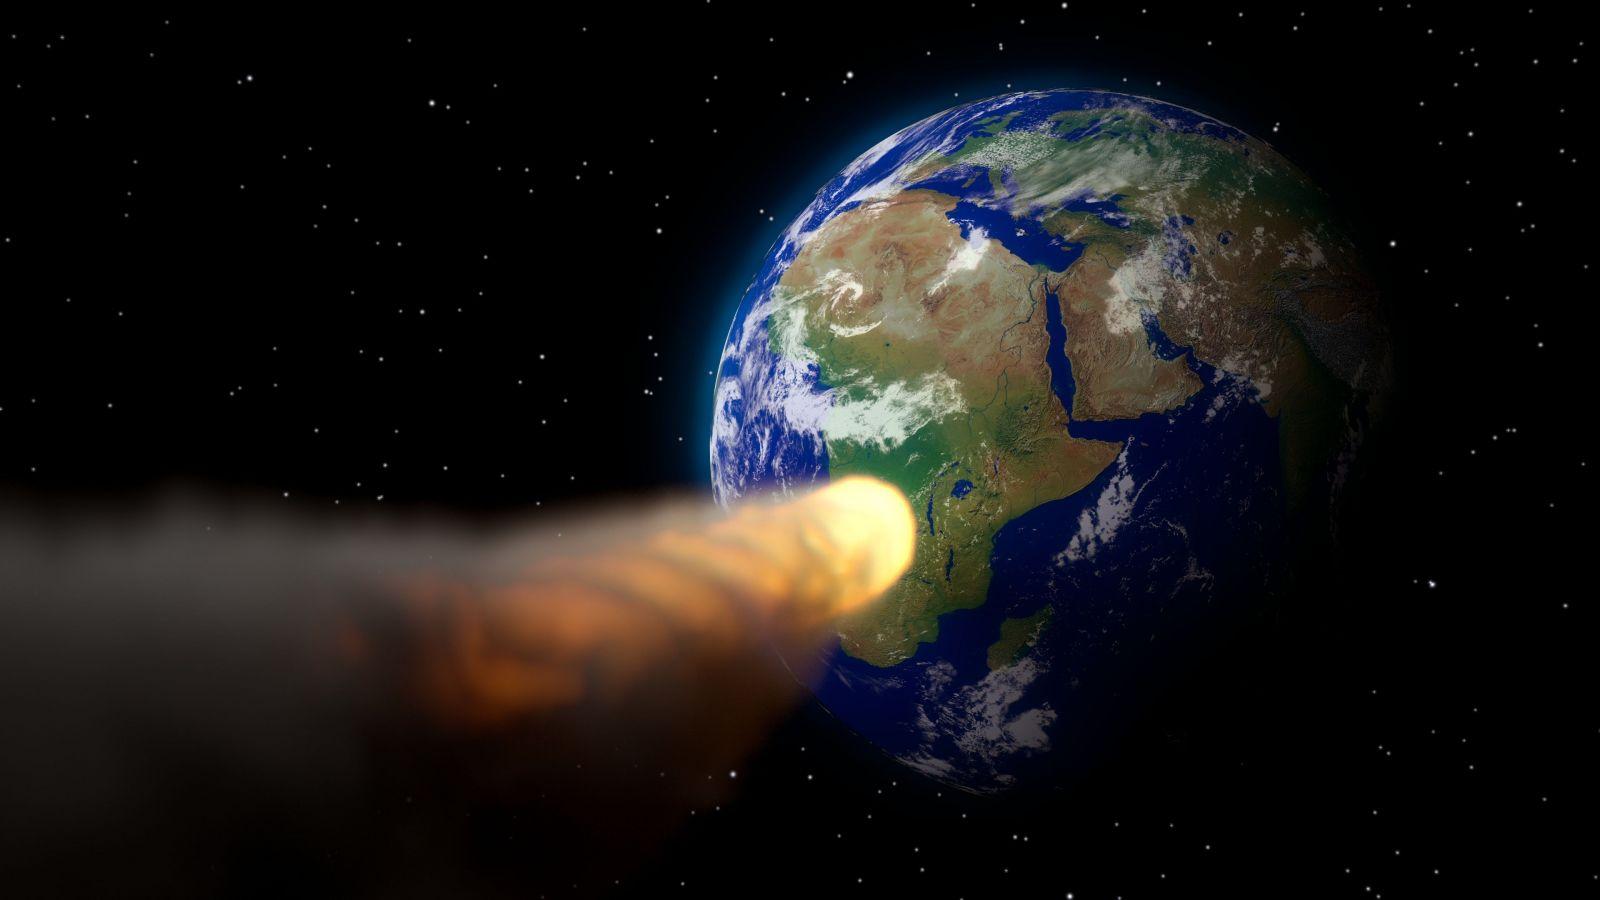 Za Jupiterom sa môže skrývať množstvo meteoritov, schopných ohroziť Zem. Nevidíme ich